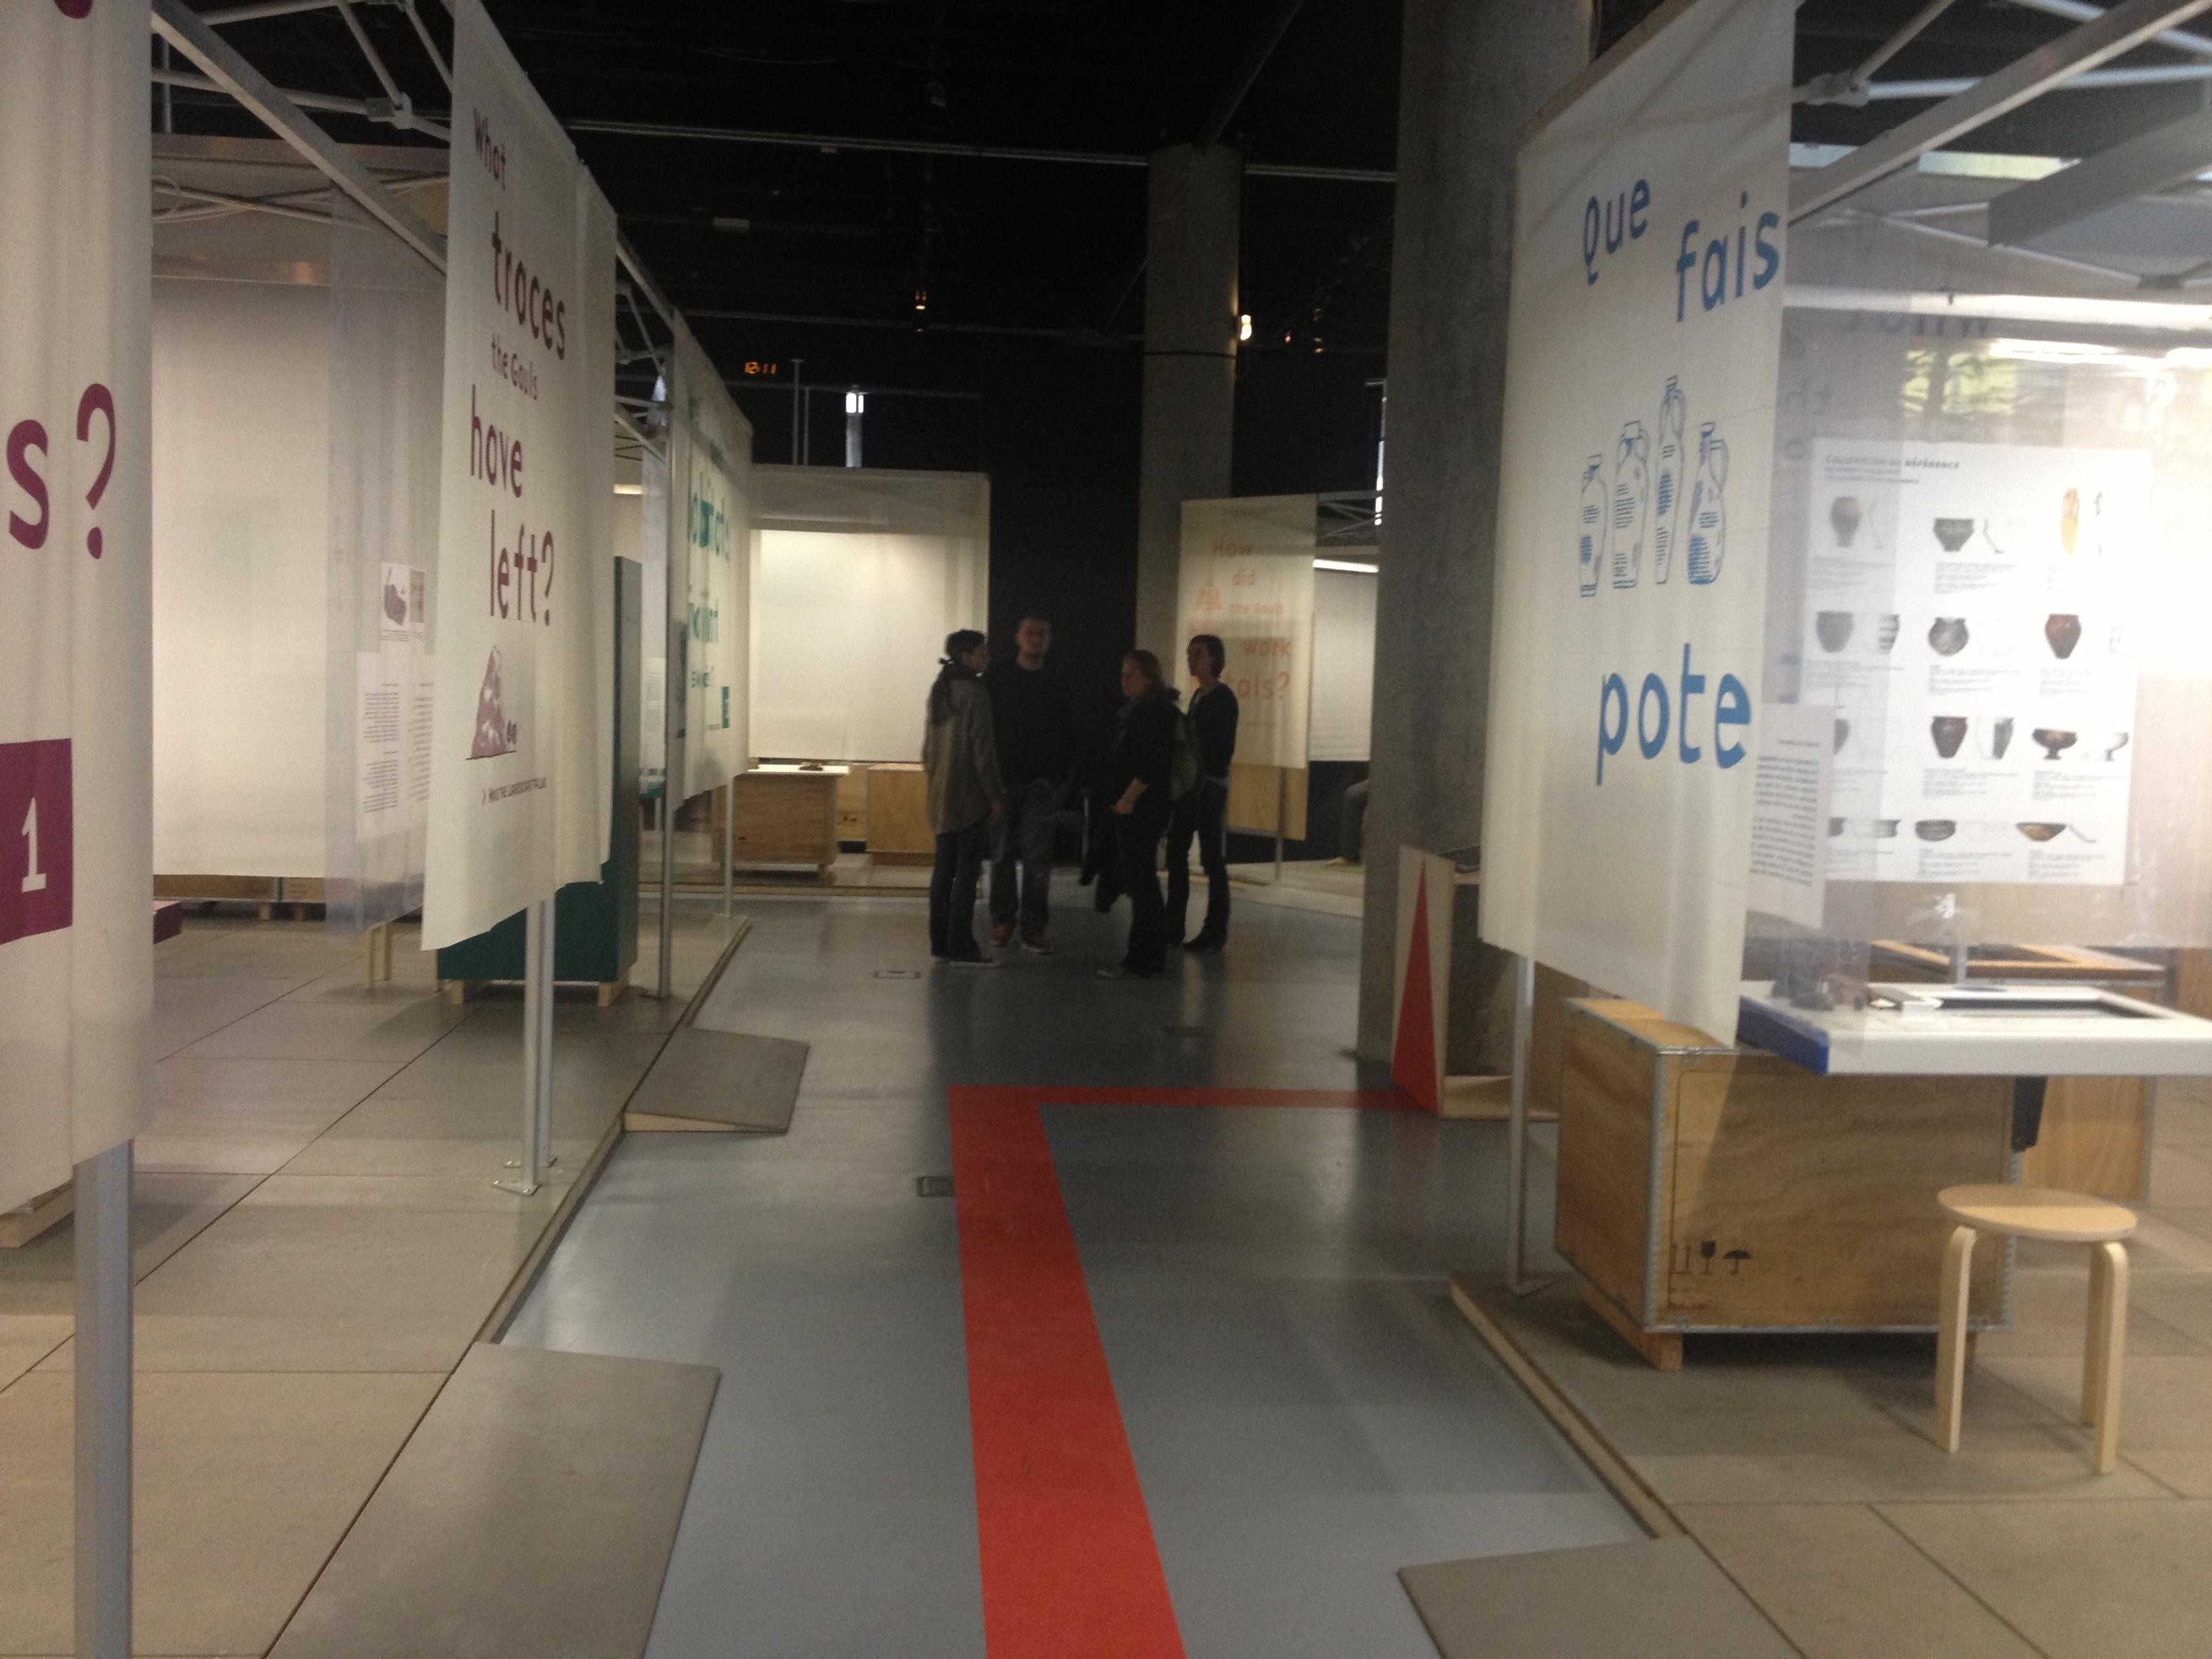 sc nographie gaulois une expo renversante ln h claudel design graphique. Black Bedroom Furniture Sets. Home Design Ideas